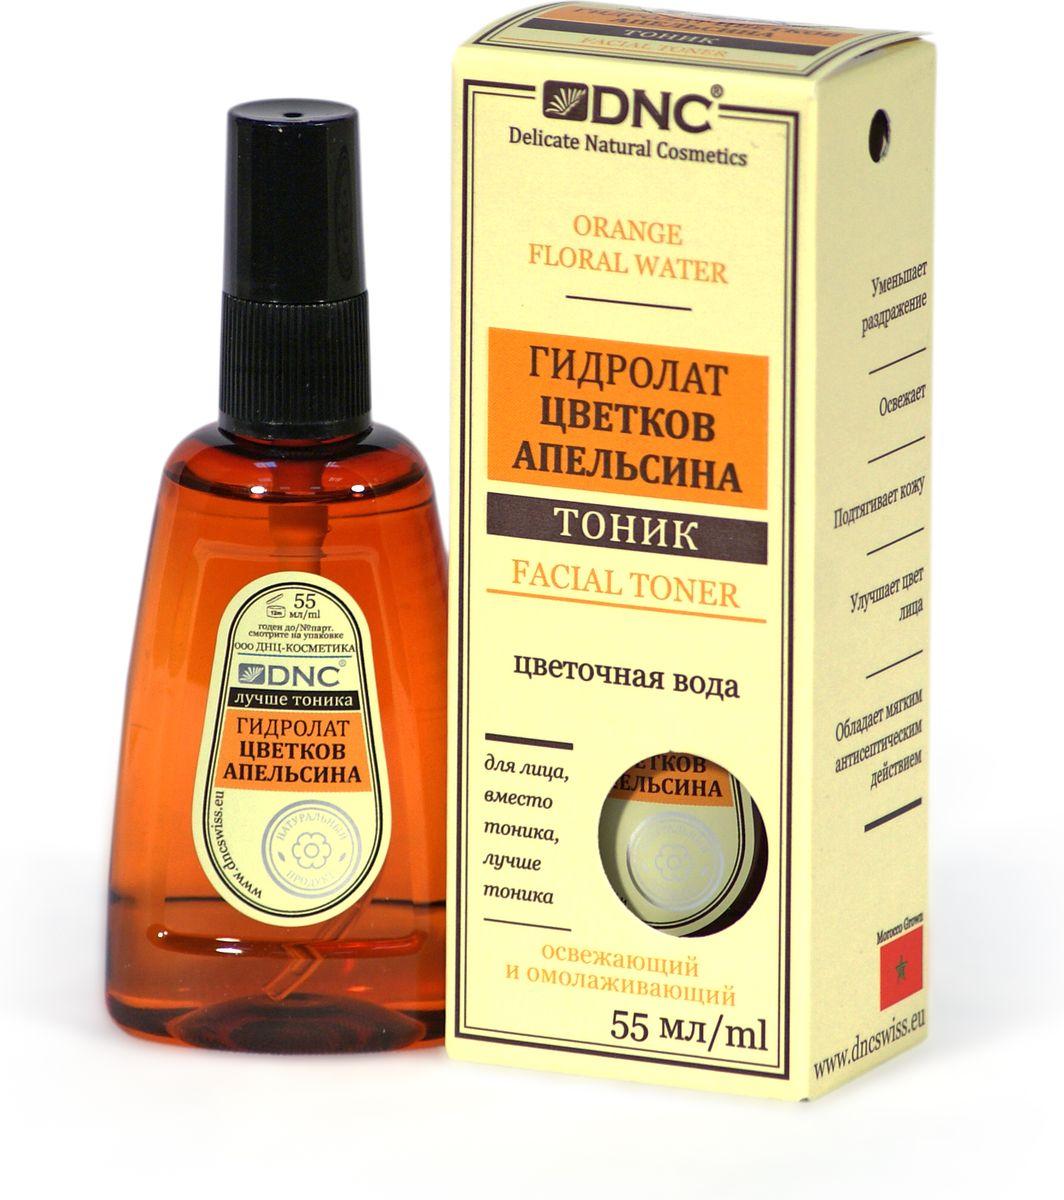 DNC Гидролат Цветков Апельсина, 55 мл4751006750722Тонизирующая, очищающая и освежающая водная эссенция цветков апельсина. Пробуждает в коже естественное стремление к молодости и обновлению. Возвращает шелковистость и свечение самой утомленной коже. Снимает мышечное напряжение, уменьшает рельеф морщин.